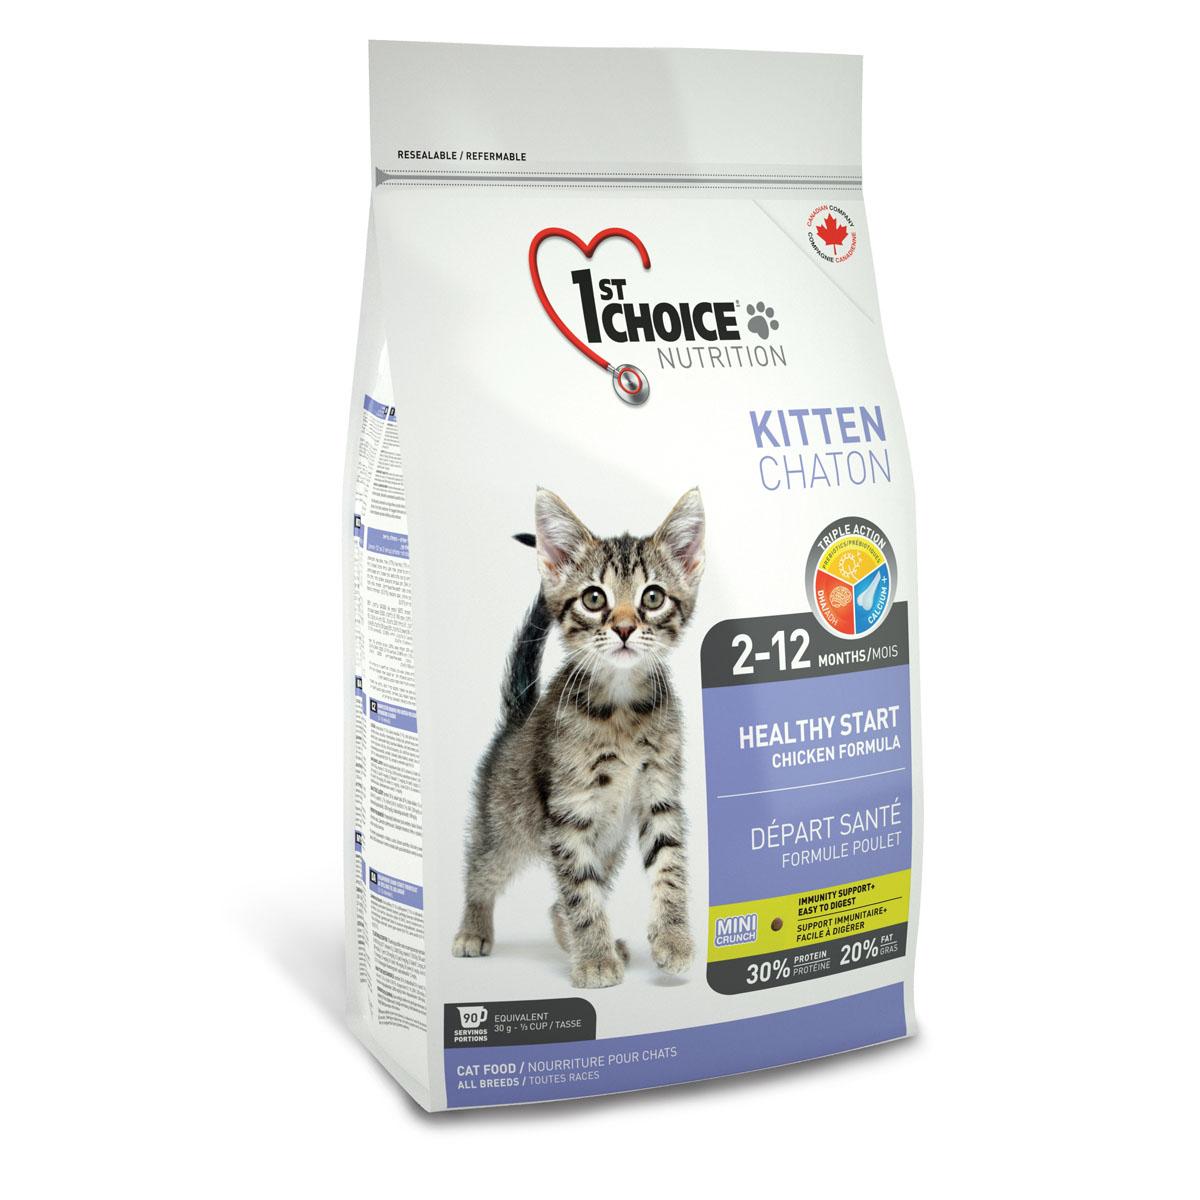 Корм сухой 1st Choice Kitten для котят, с курицей, 5,44 кг56857Сухой корм 1st Choice Kitten - идеальная формула для начального прикорма котенка с 2 месяцев, когда он нуждается в новых источниках питания вместо материнского молока. При этом нет необходимости разделять котенка с мамой. Корм содержит все необходимое не только для растущего организма, но и для беременных и кормящих кошек. Оптимальное питание для старта в здоровую жизнь. Помогает сохранить идеальную кондицию и оптимальный вес. Идеальный рН-баланс для здоровья мочевыделительной системы. Содержит экстракт юкки Шидигера, которая связывает аммиак и уменьшает запах экскрементов.Состав: свежая курица 17%, мука из мяса курицы 17%, рис, куриный жир, сохраненный смесью натуральных токоферолов (витамин Е), гороховый протеин, сушеное яйцо, мука из американской сельди (менхаден), коричневый рис, специально обработанные ядра ячменя и овса, гидролизат куриной печени, мякоть свеклы, клетчатка гороха, цельное семя льна, жир лосося (источник DHA), сушеная мякоть томата, калия хлорид, лецитин, холина хлорид, соль, кальция пропионат, кальция карбонат, экстракт дрожжей (источник маннан-олигосахаридов), таурин, натрия бисульфат, DL-метионин, экстракт цикория (источник инулина), железа сульфат, аскорбиновая кислота (витамин С), L-лизин, цинка оксид, натрия селенит, альфа-токоферол ацетат (витамин Е), никотиновая кислота, экстракт юкки Шидигера, кальция иодат, марганца оксид, D-кальция пантотенат, тиамина мононитрат, рибофлавин, пиридоксина гидрохлорид, витамин А, холекальциферол (витамин Д3), цинка протеинат, биотин, сушеная мята 0,01%, сушеная петрушка 0,01%, экстракт зеленого чая 0,01%, марганца протеинат, витамин В12, кобальта карбонат, фолиевая кислота, меди протеинат. Гарантированный анализ: сырой протеин мин. 30%, сырой жир мин.20%, сырая клетчатка макс. 3,5%, влага макс. 10%, зола макс. 9%, кальций мин. 1,1%, фосфор мин. 0,9%, марганец макс. 0,1%, таурин 2300 мг/кг, витамин А мин. 34 000 МЕ/кг, витамин Д3 мин. 2 000 МЕ